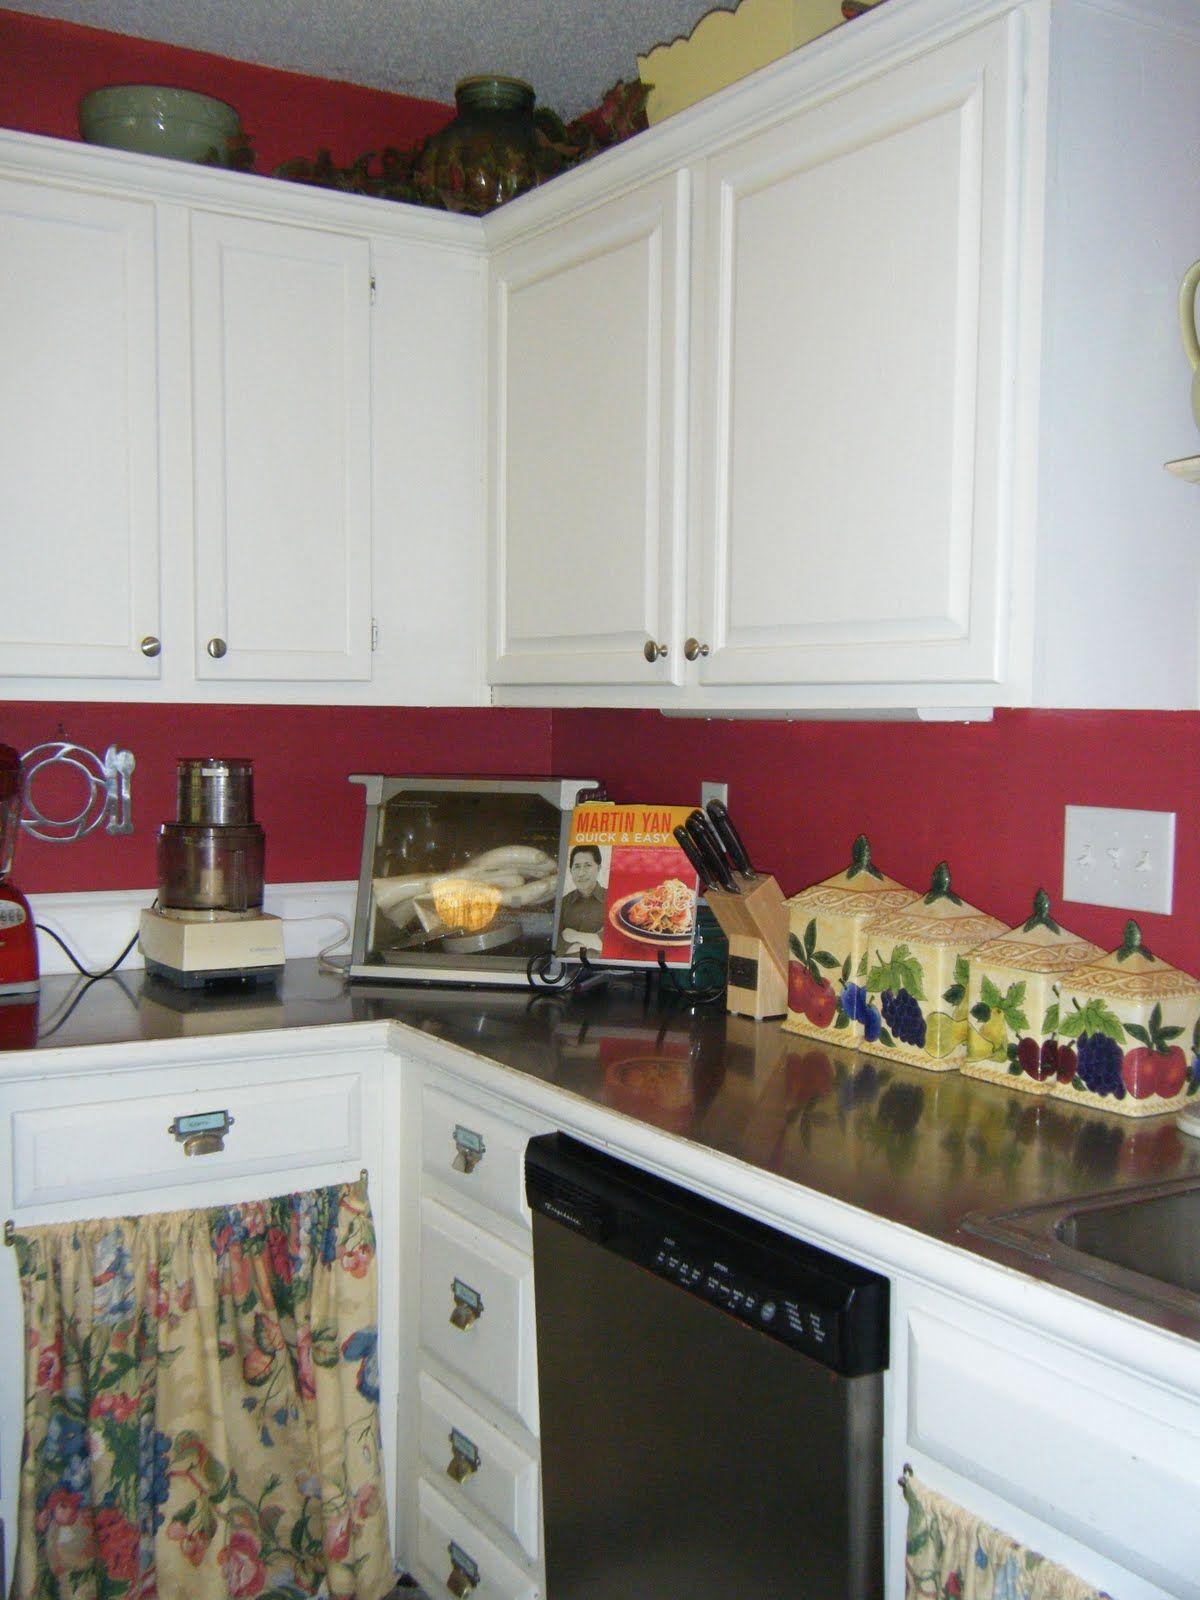 U-förmige küchendesigns was ist eine gute farbe zu malen eine küche küchen  küchen in